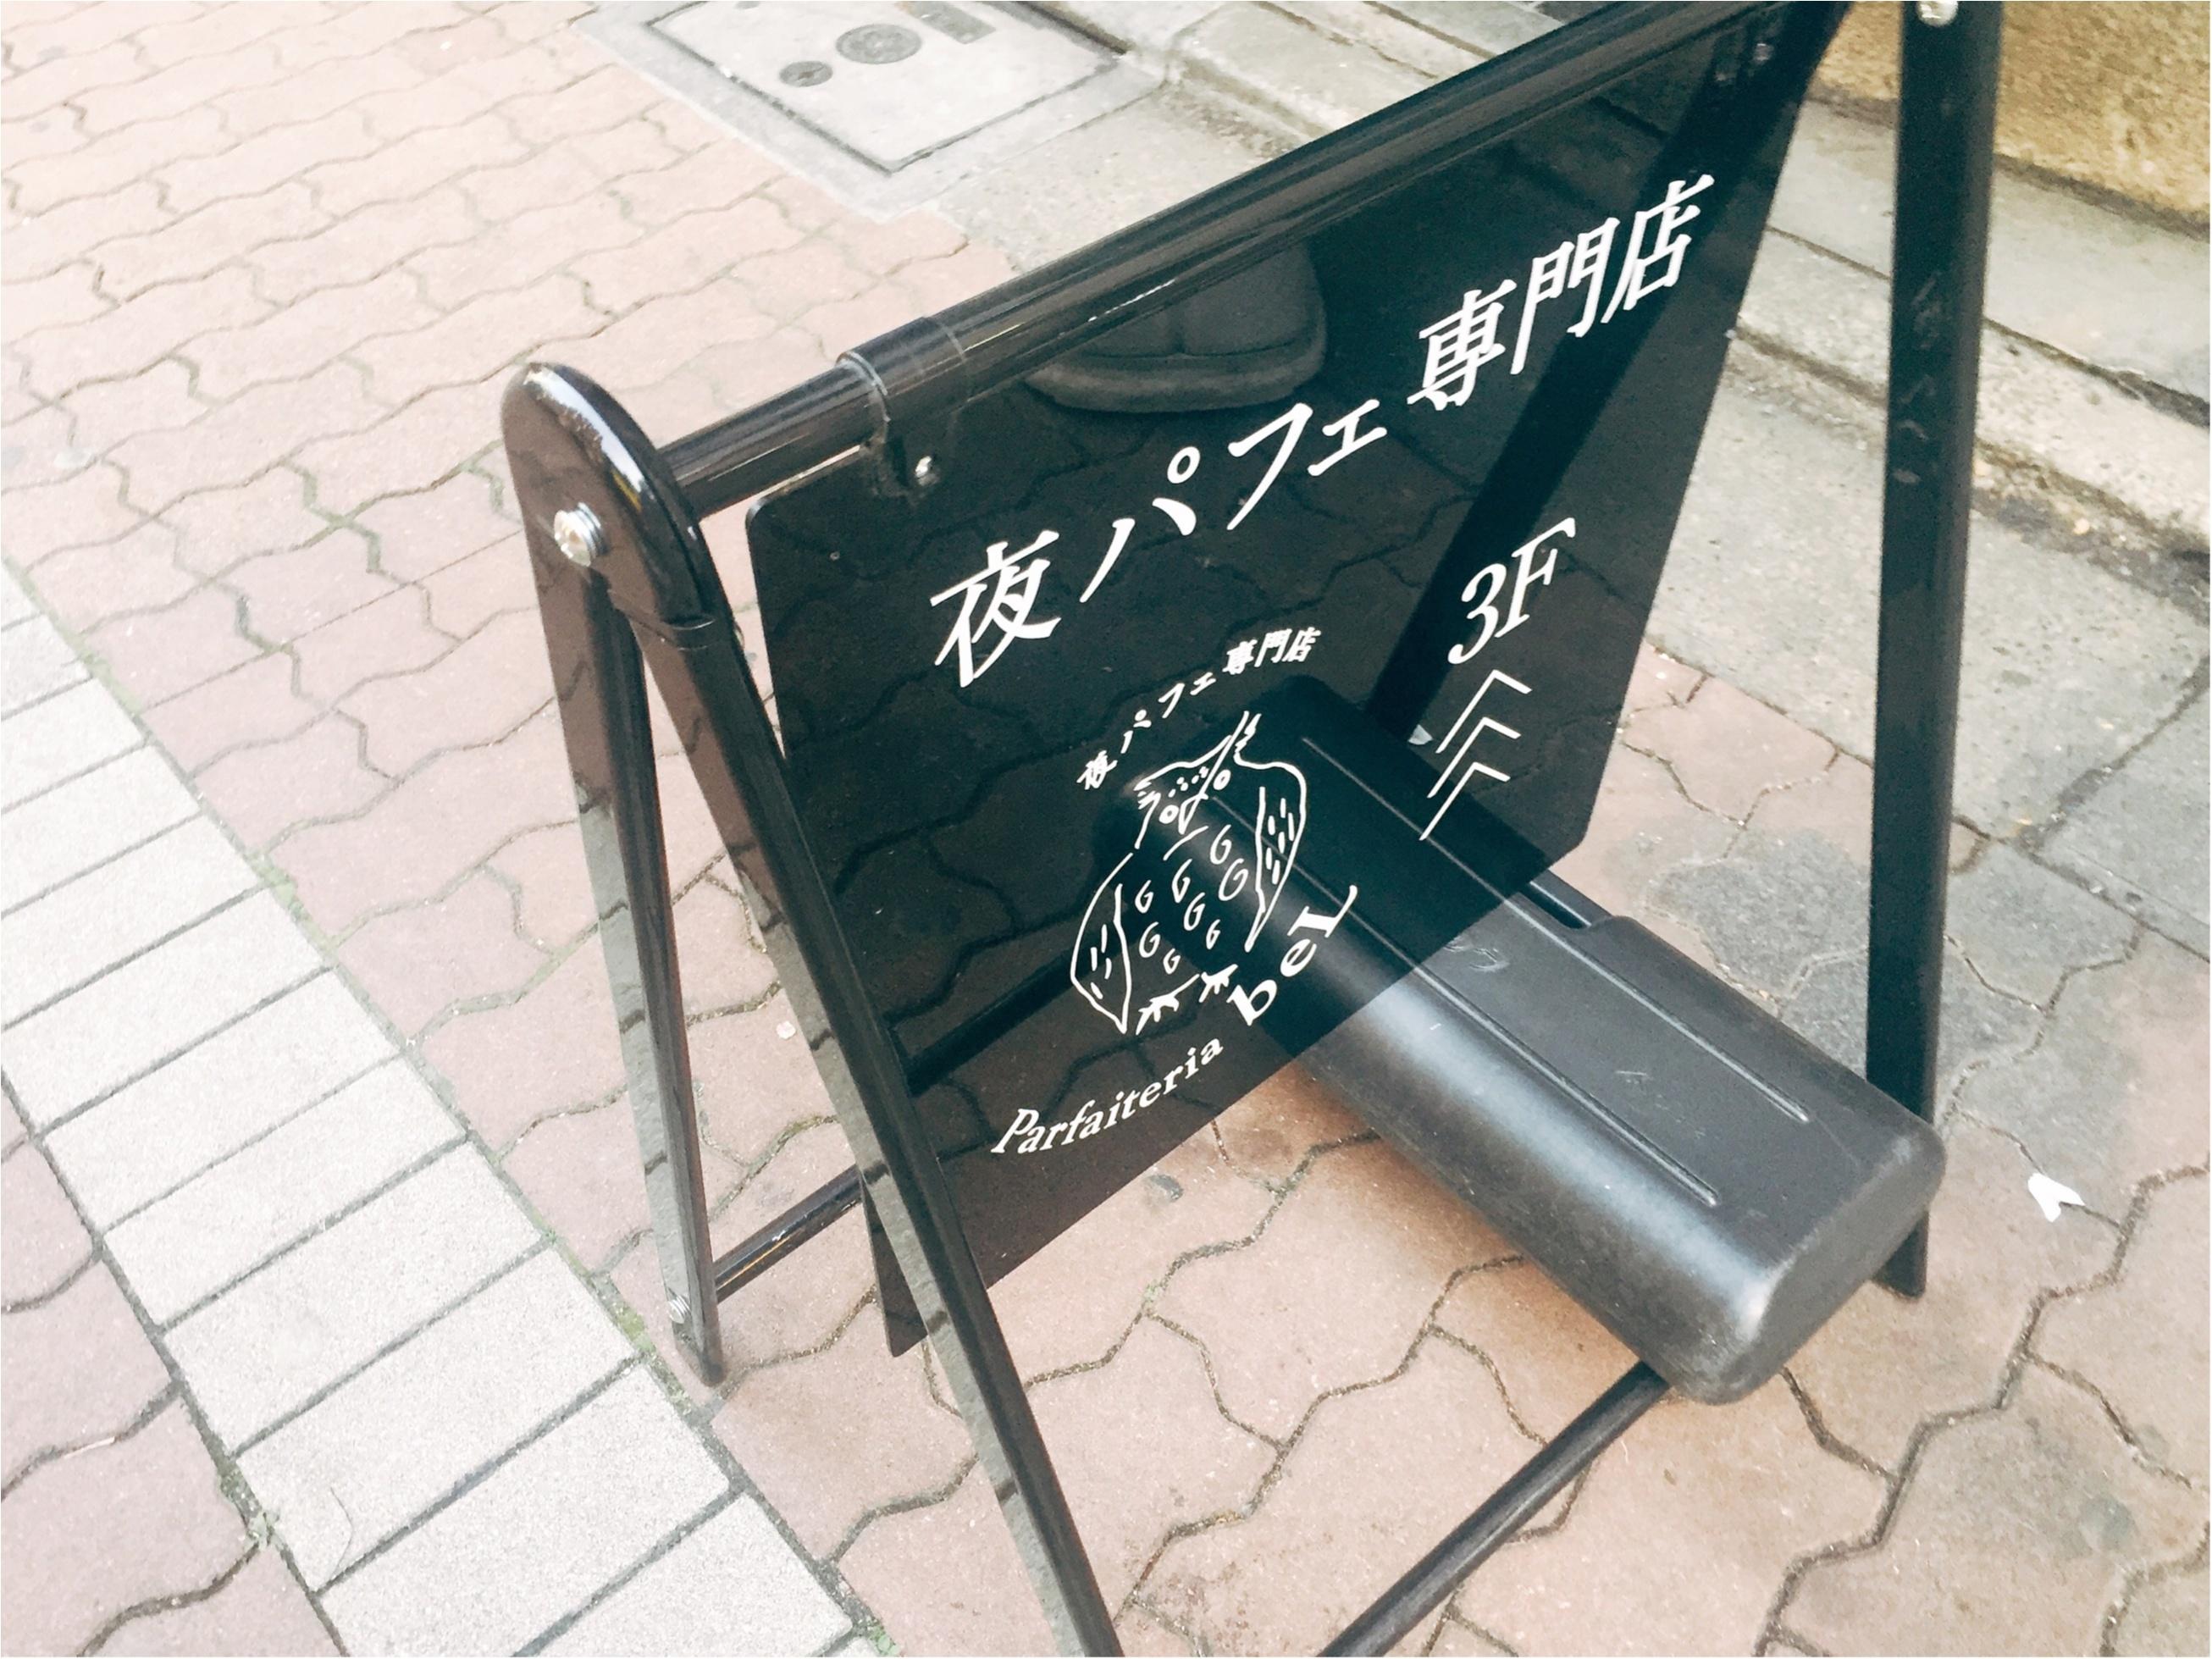 【渋谷/夜だけ食べられるパフェ】一日の締めに美味しいパフェで〆る!お酒も飲めるフォトジェニックなスイーツカフェ♡_1_4